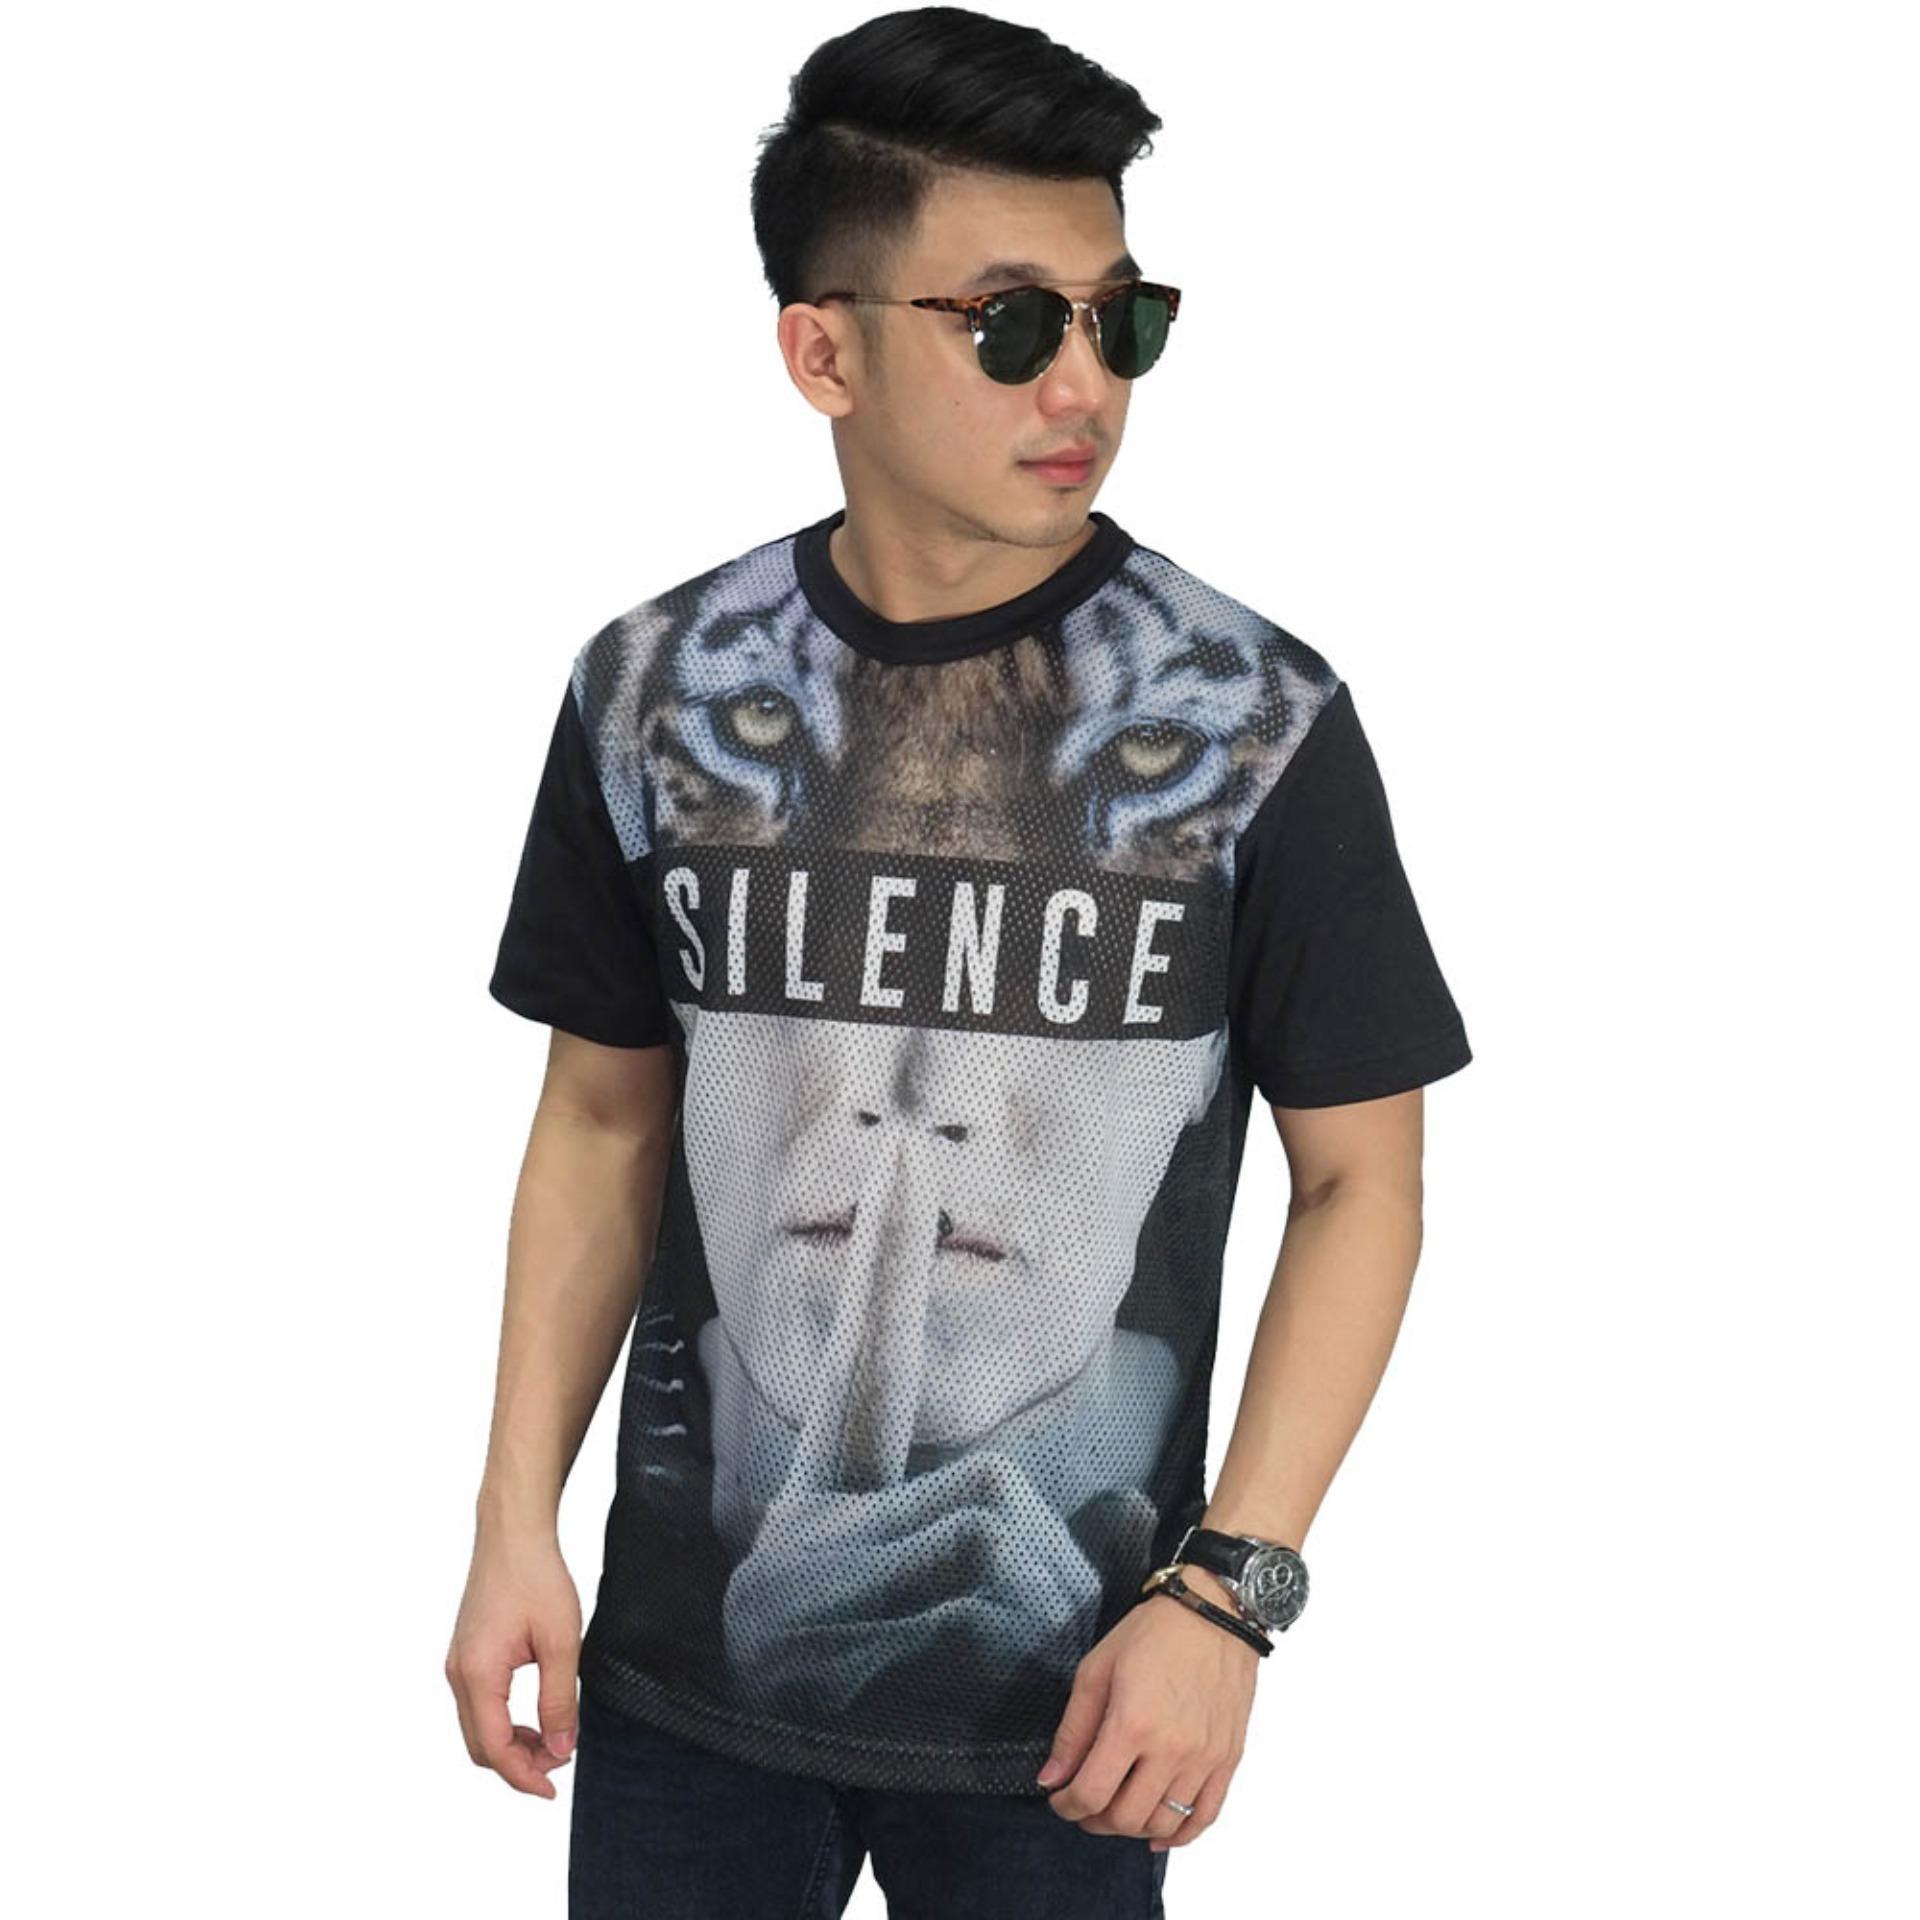 Hrcn Hmc 0077 Kaos Greenline Casual Pria Catton Pique Keren Hijauau Distro H 0150 Frozenshopcom Mesh T Shirt Silence Tiger Cowok